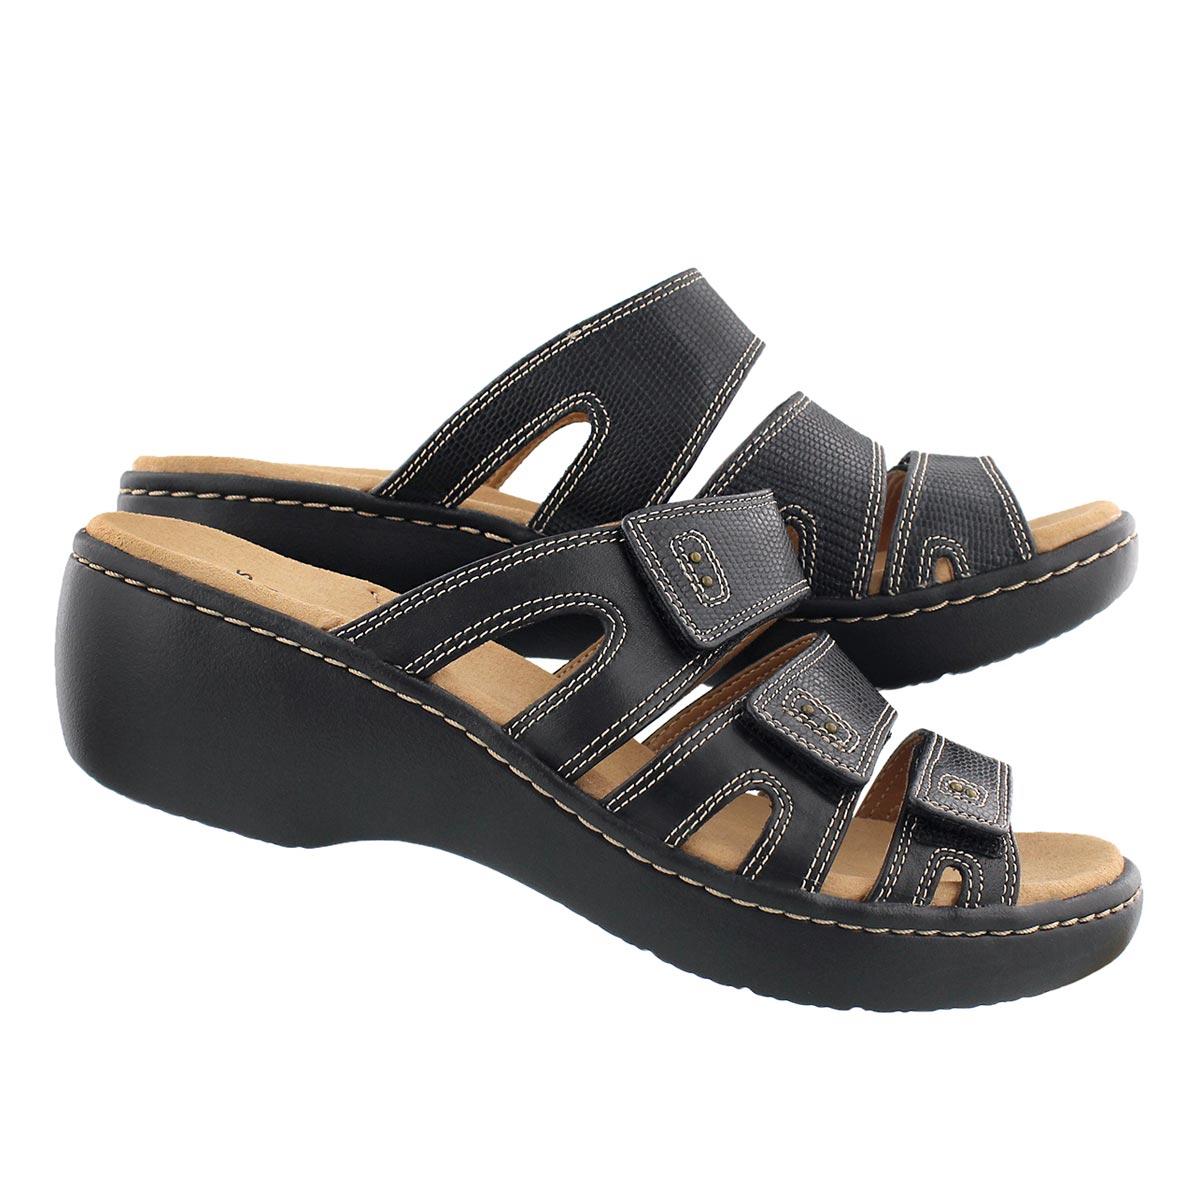 Lds Delana Damir blk casual slide sandal